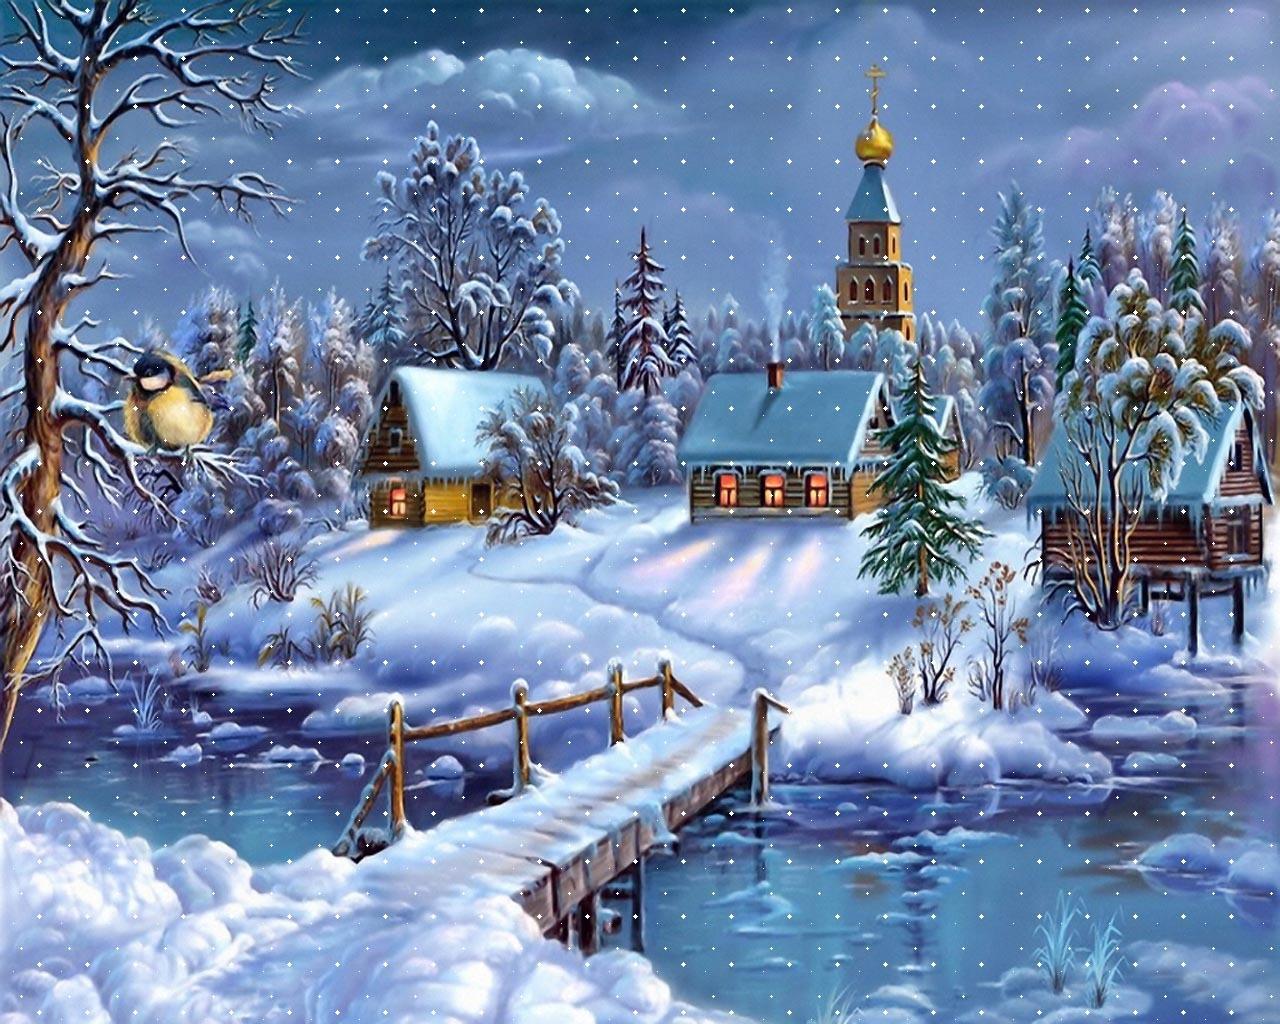 Free animated snow scene wallpaper wallpapersafari desktop wallpaper winter scenes wwwwallpapers in hdcom 1280x1024 voltagebd Image collections